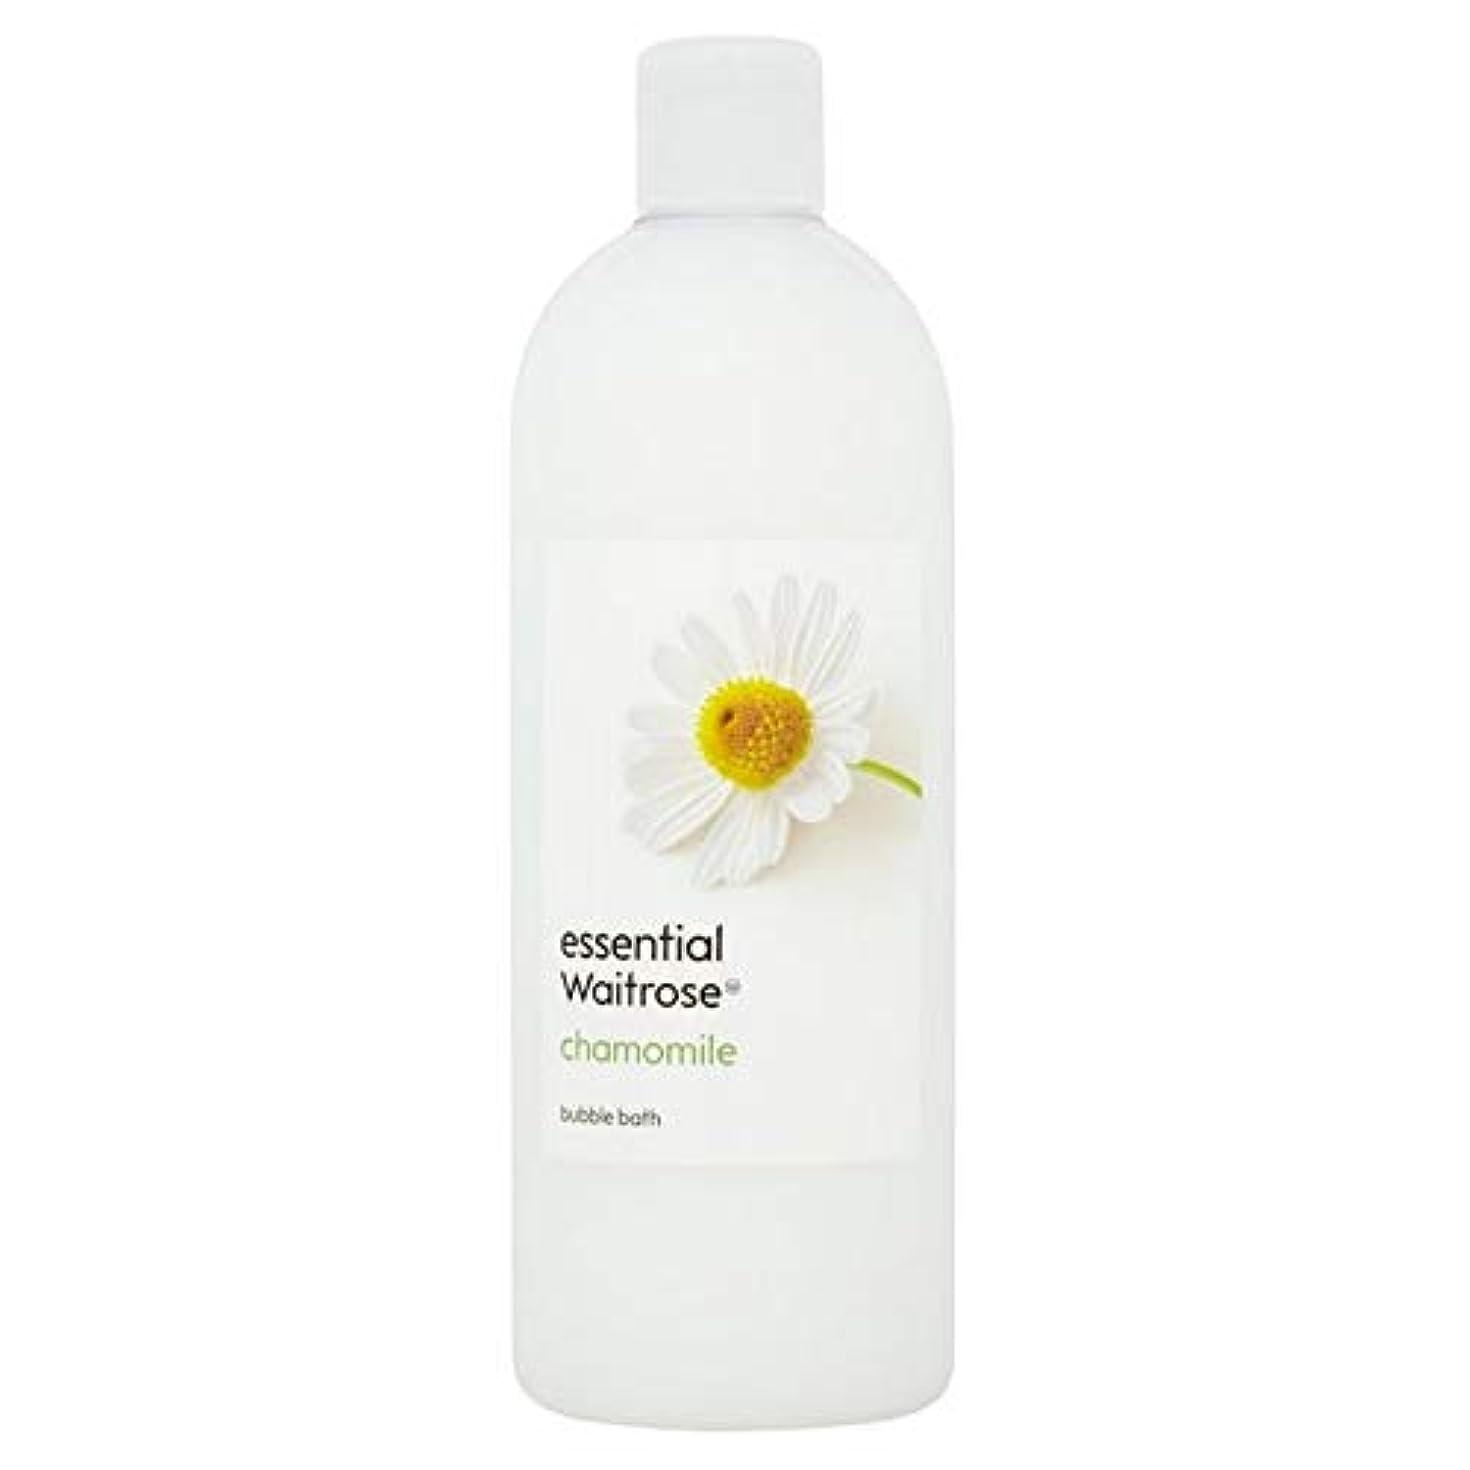 額ナプキンミント[Waitrose ] 基本的なウェイトローズ泡風呂のカモミール750ミリリットル - Essential Waitrose Bubble Bath Chamomile 750ml [並行輸入品]